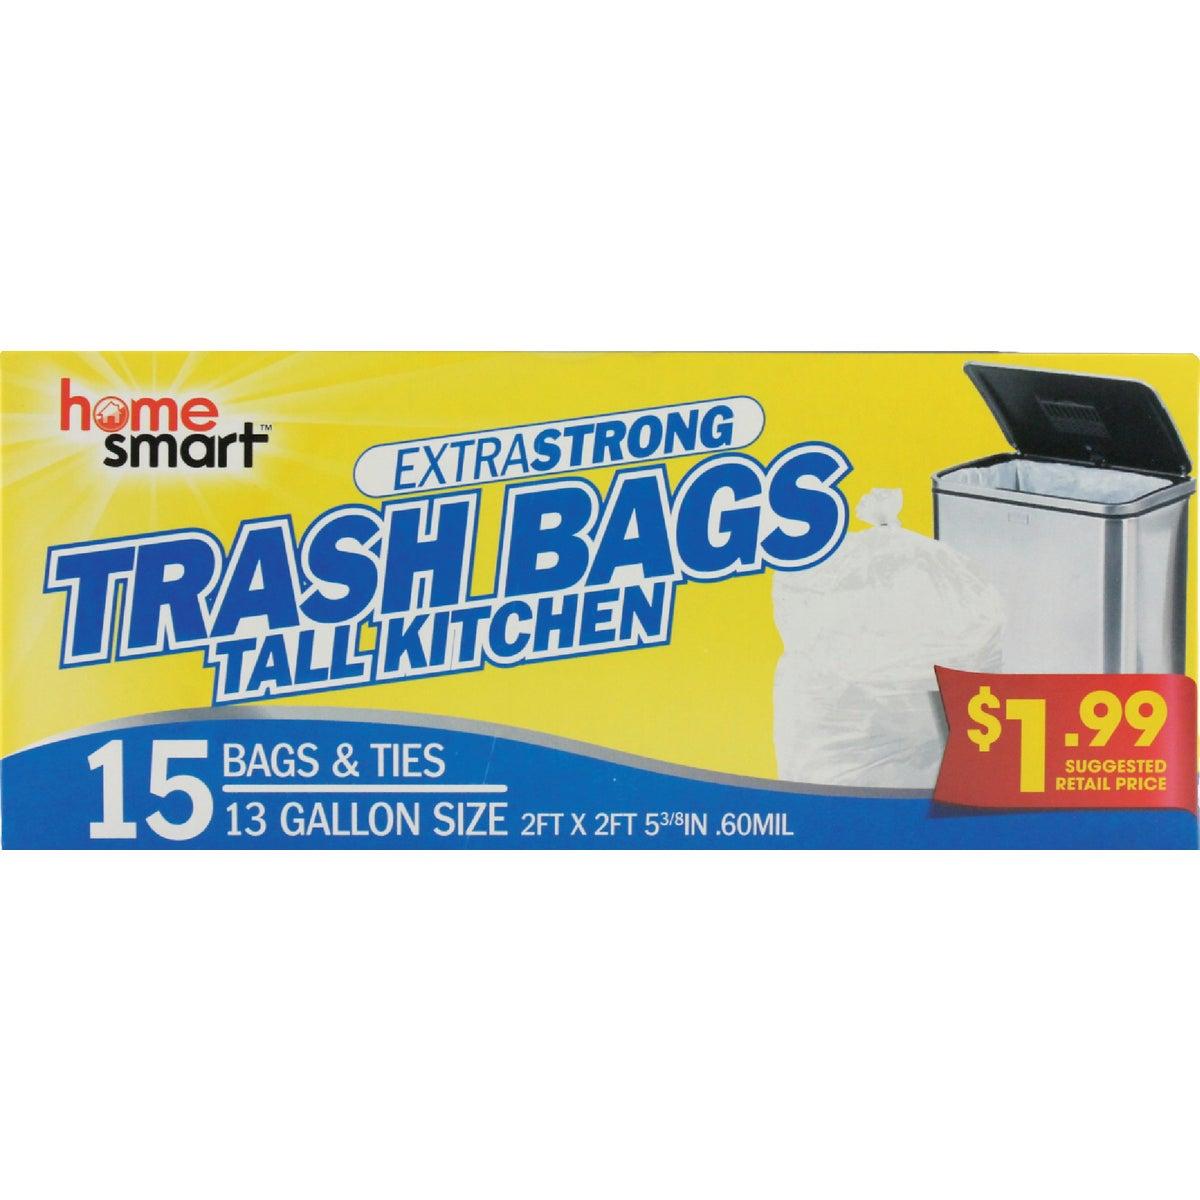 15CT 13GAL TRASH BAGS